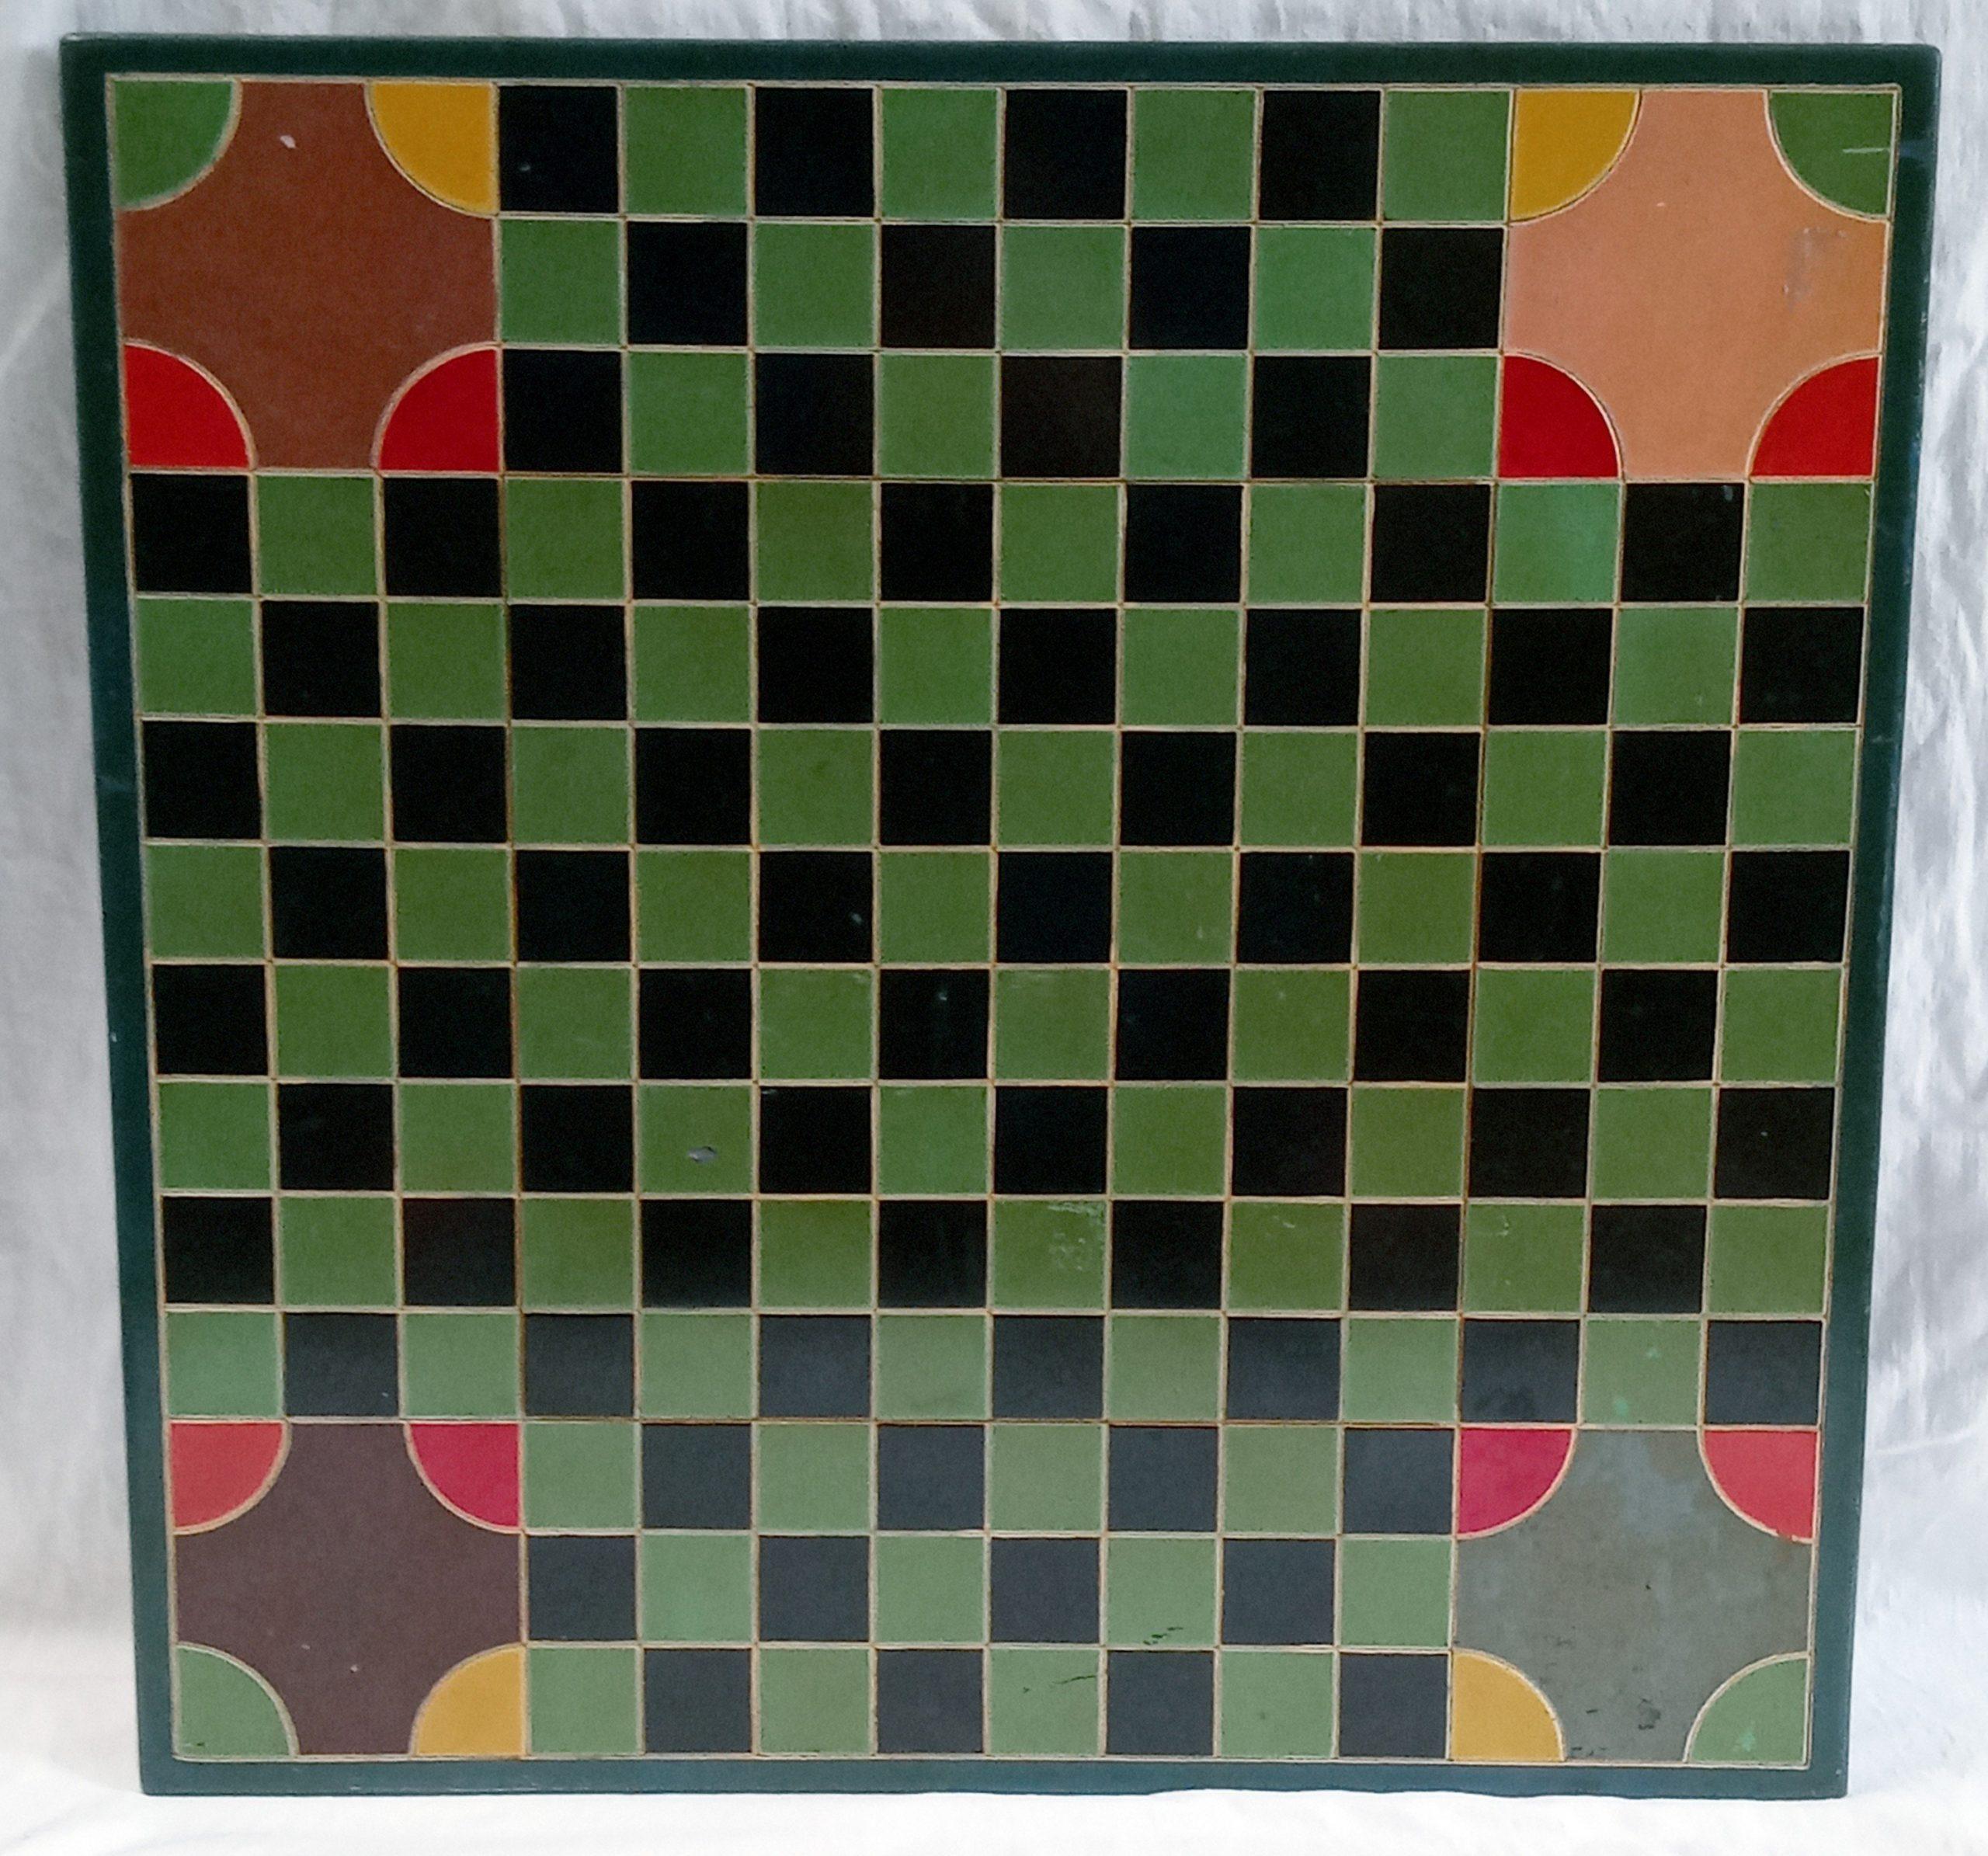 200-36463 Colorful Slate Checker Game Board Image